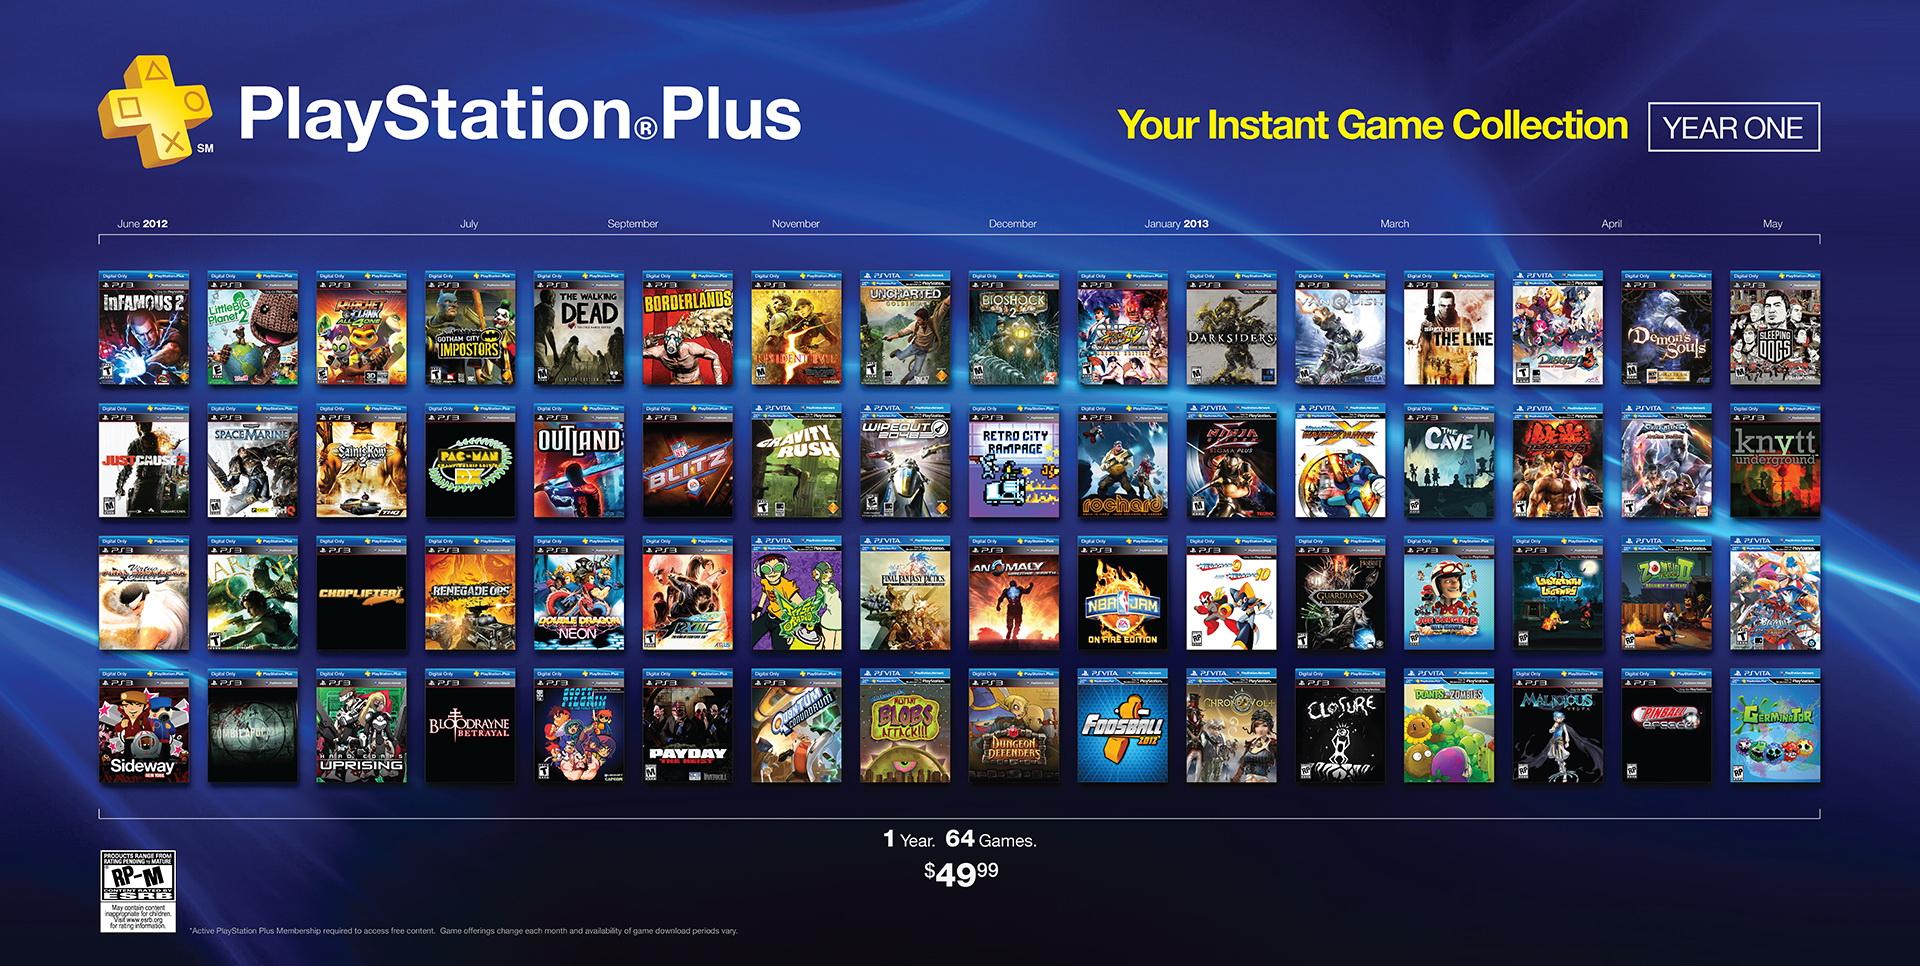 PlayStation 4 Vs. Xbox One, ¿cuál consola me conviene más? - Qore